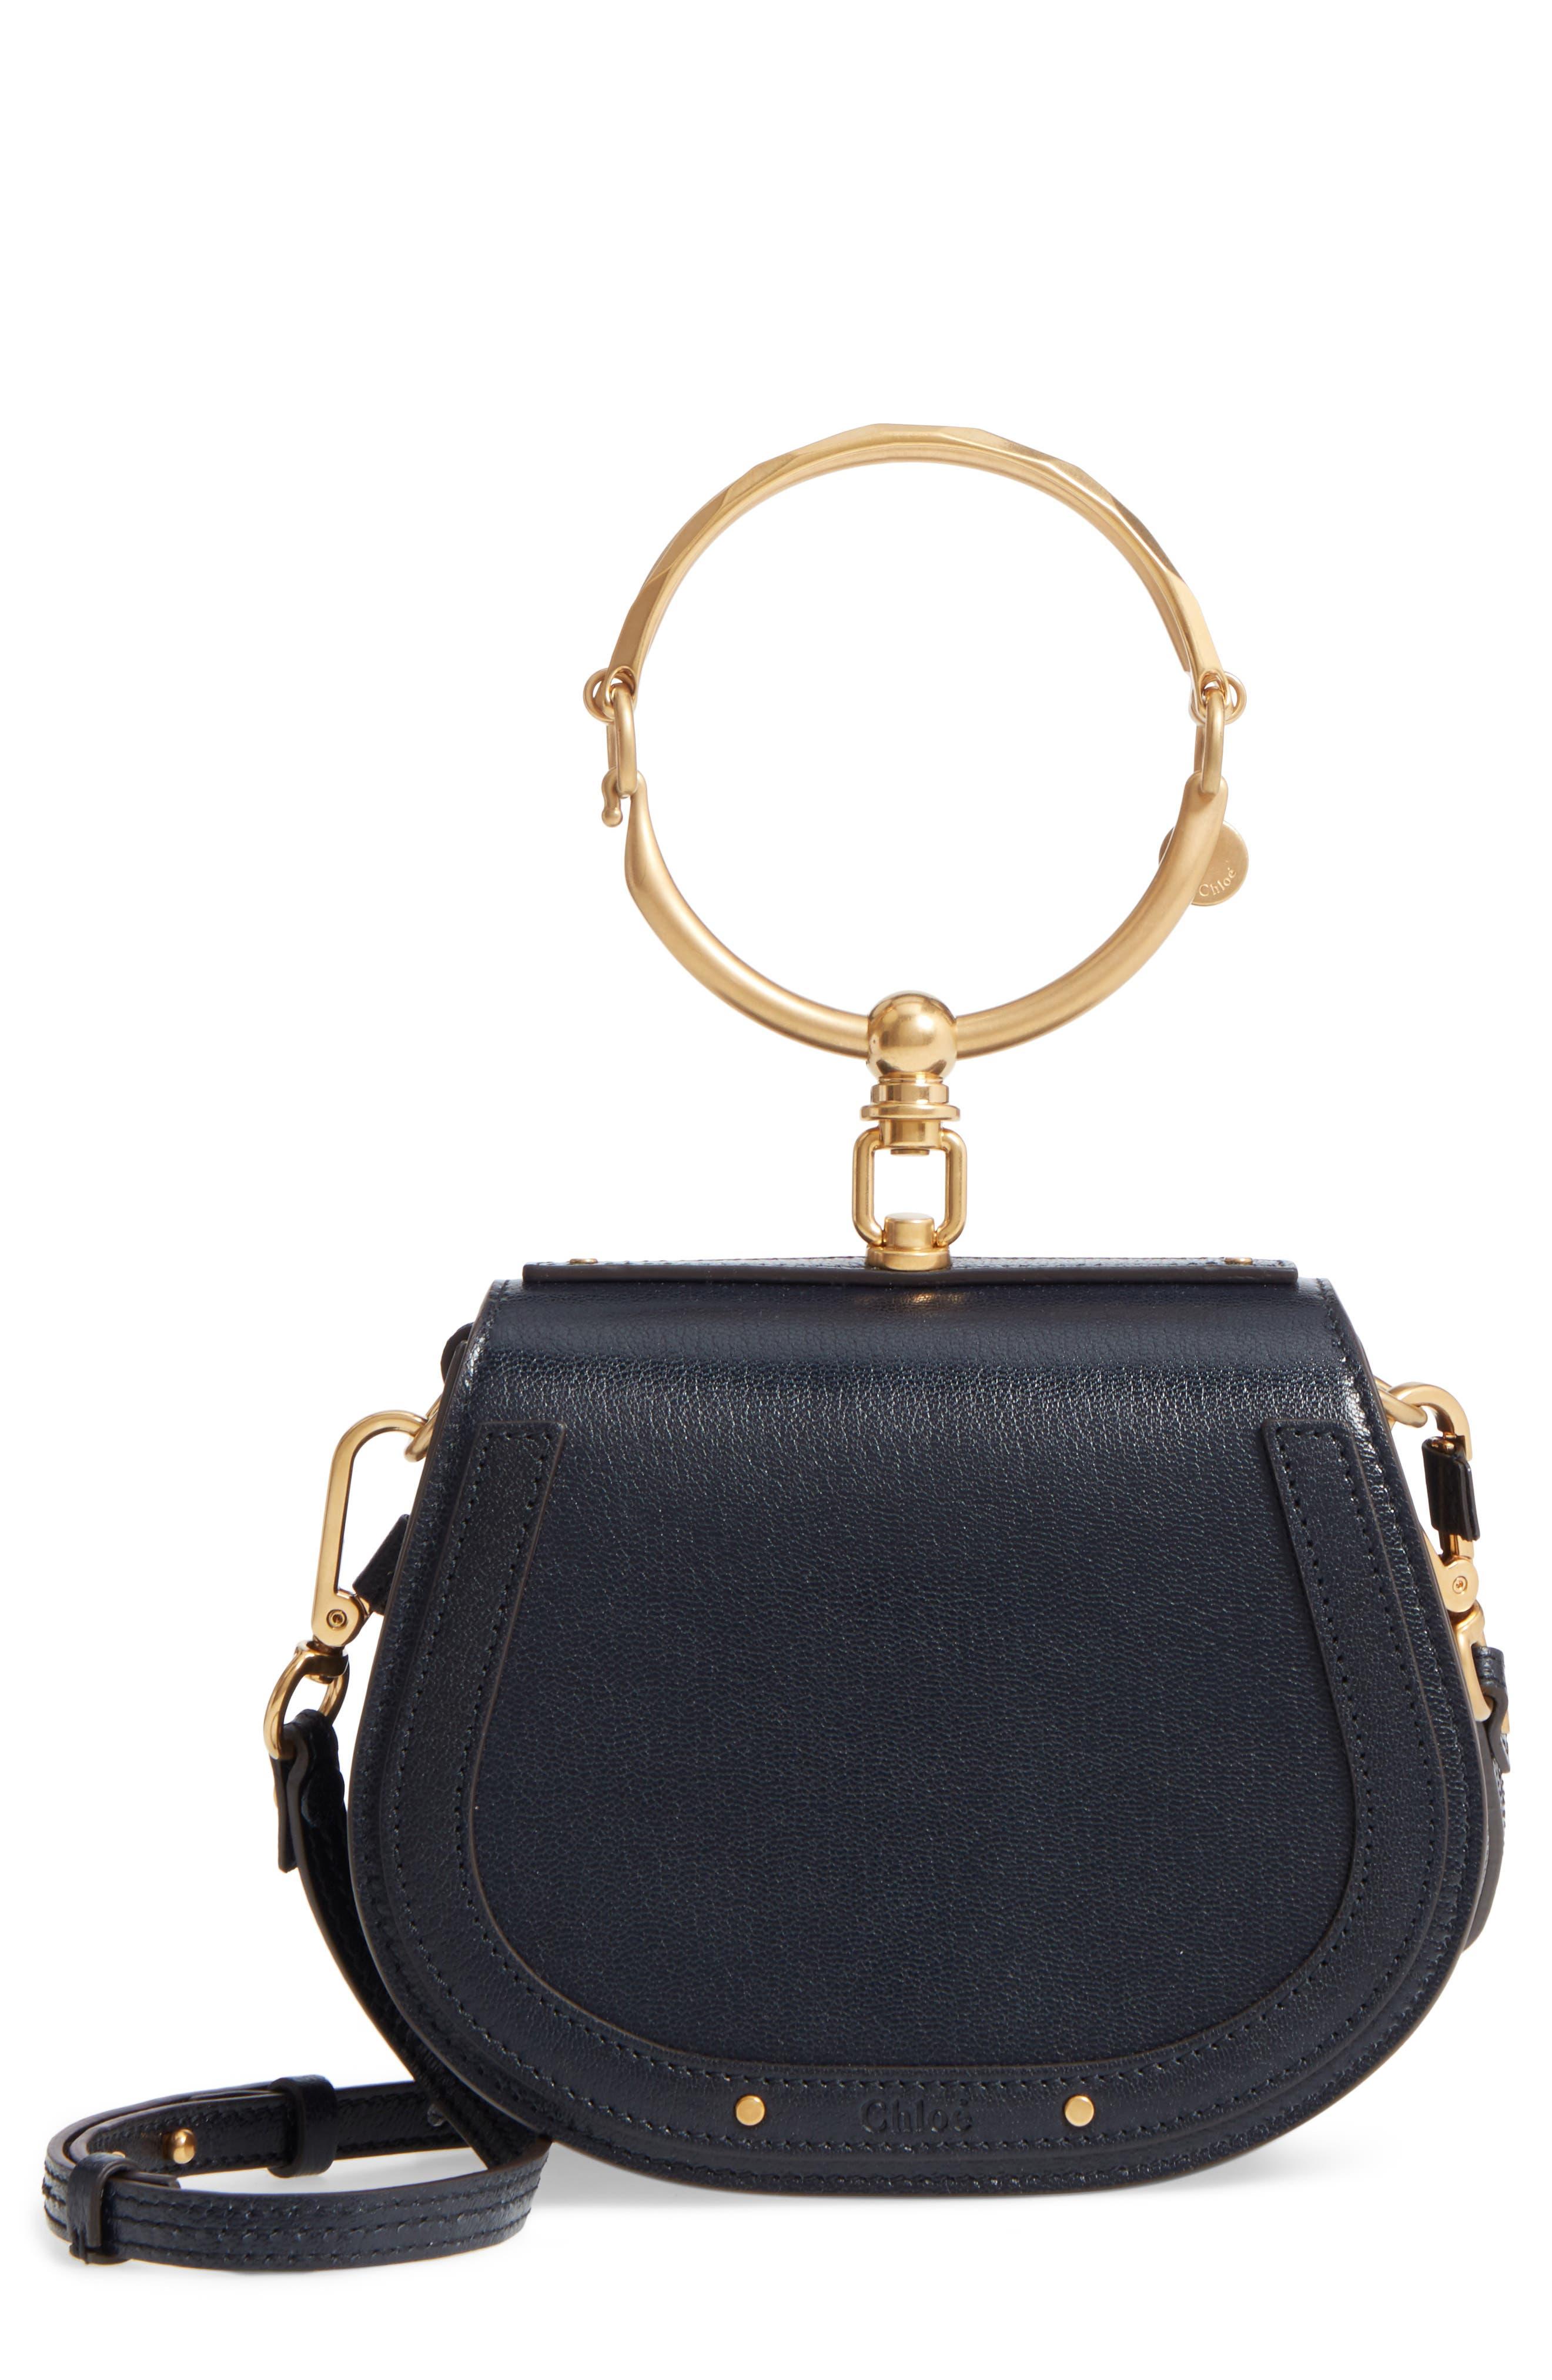 Chloé Small Nile Leather Crossbody Bag